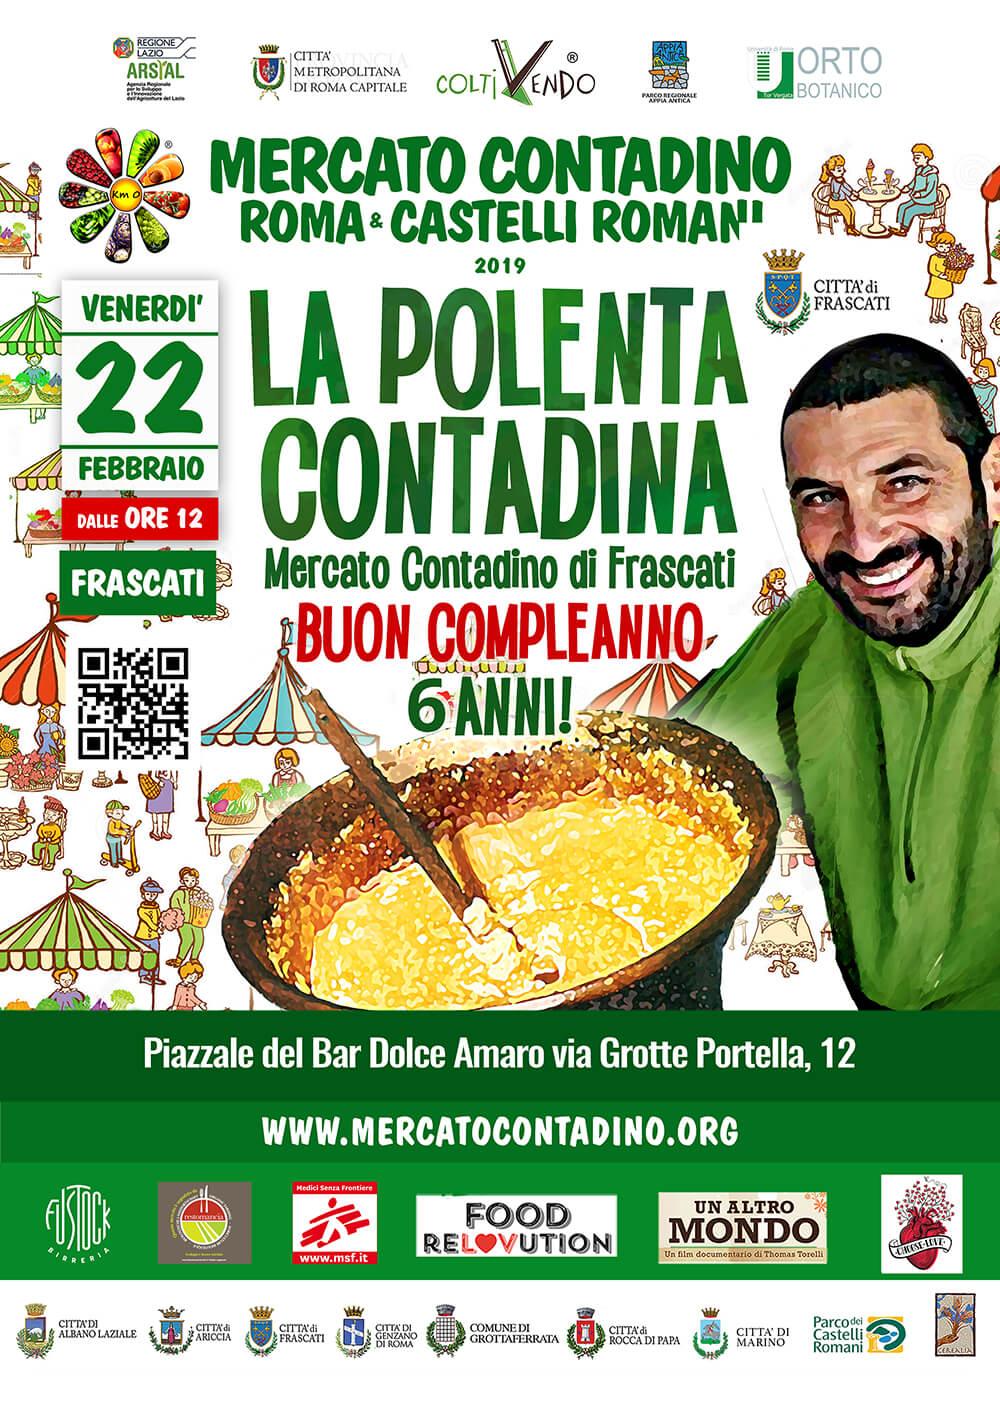 mercato contadino frascati km0 roma castelli romani 2019